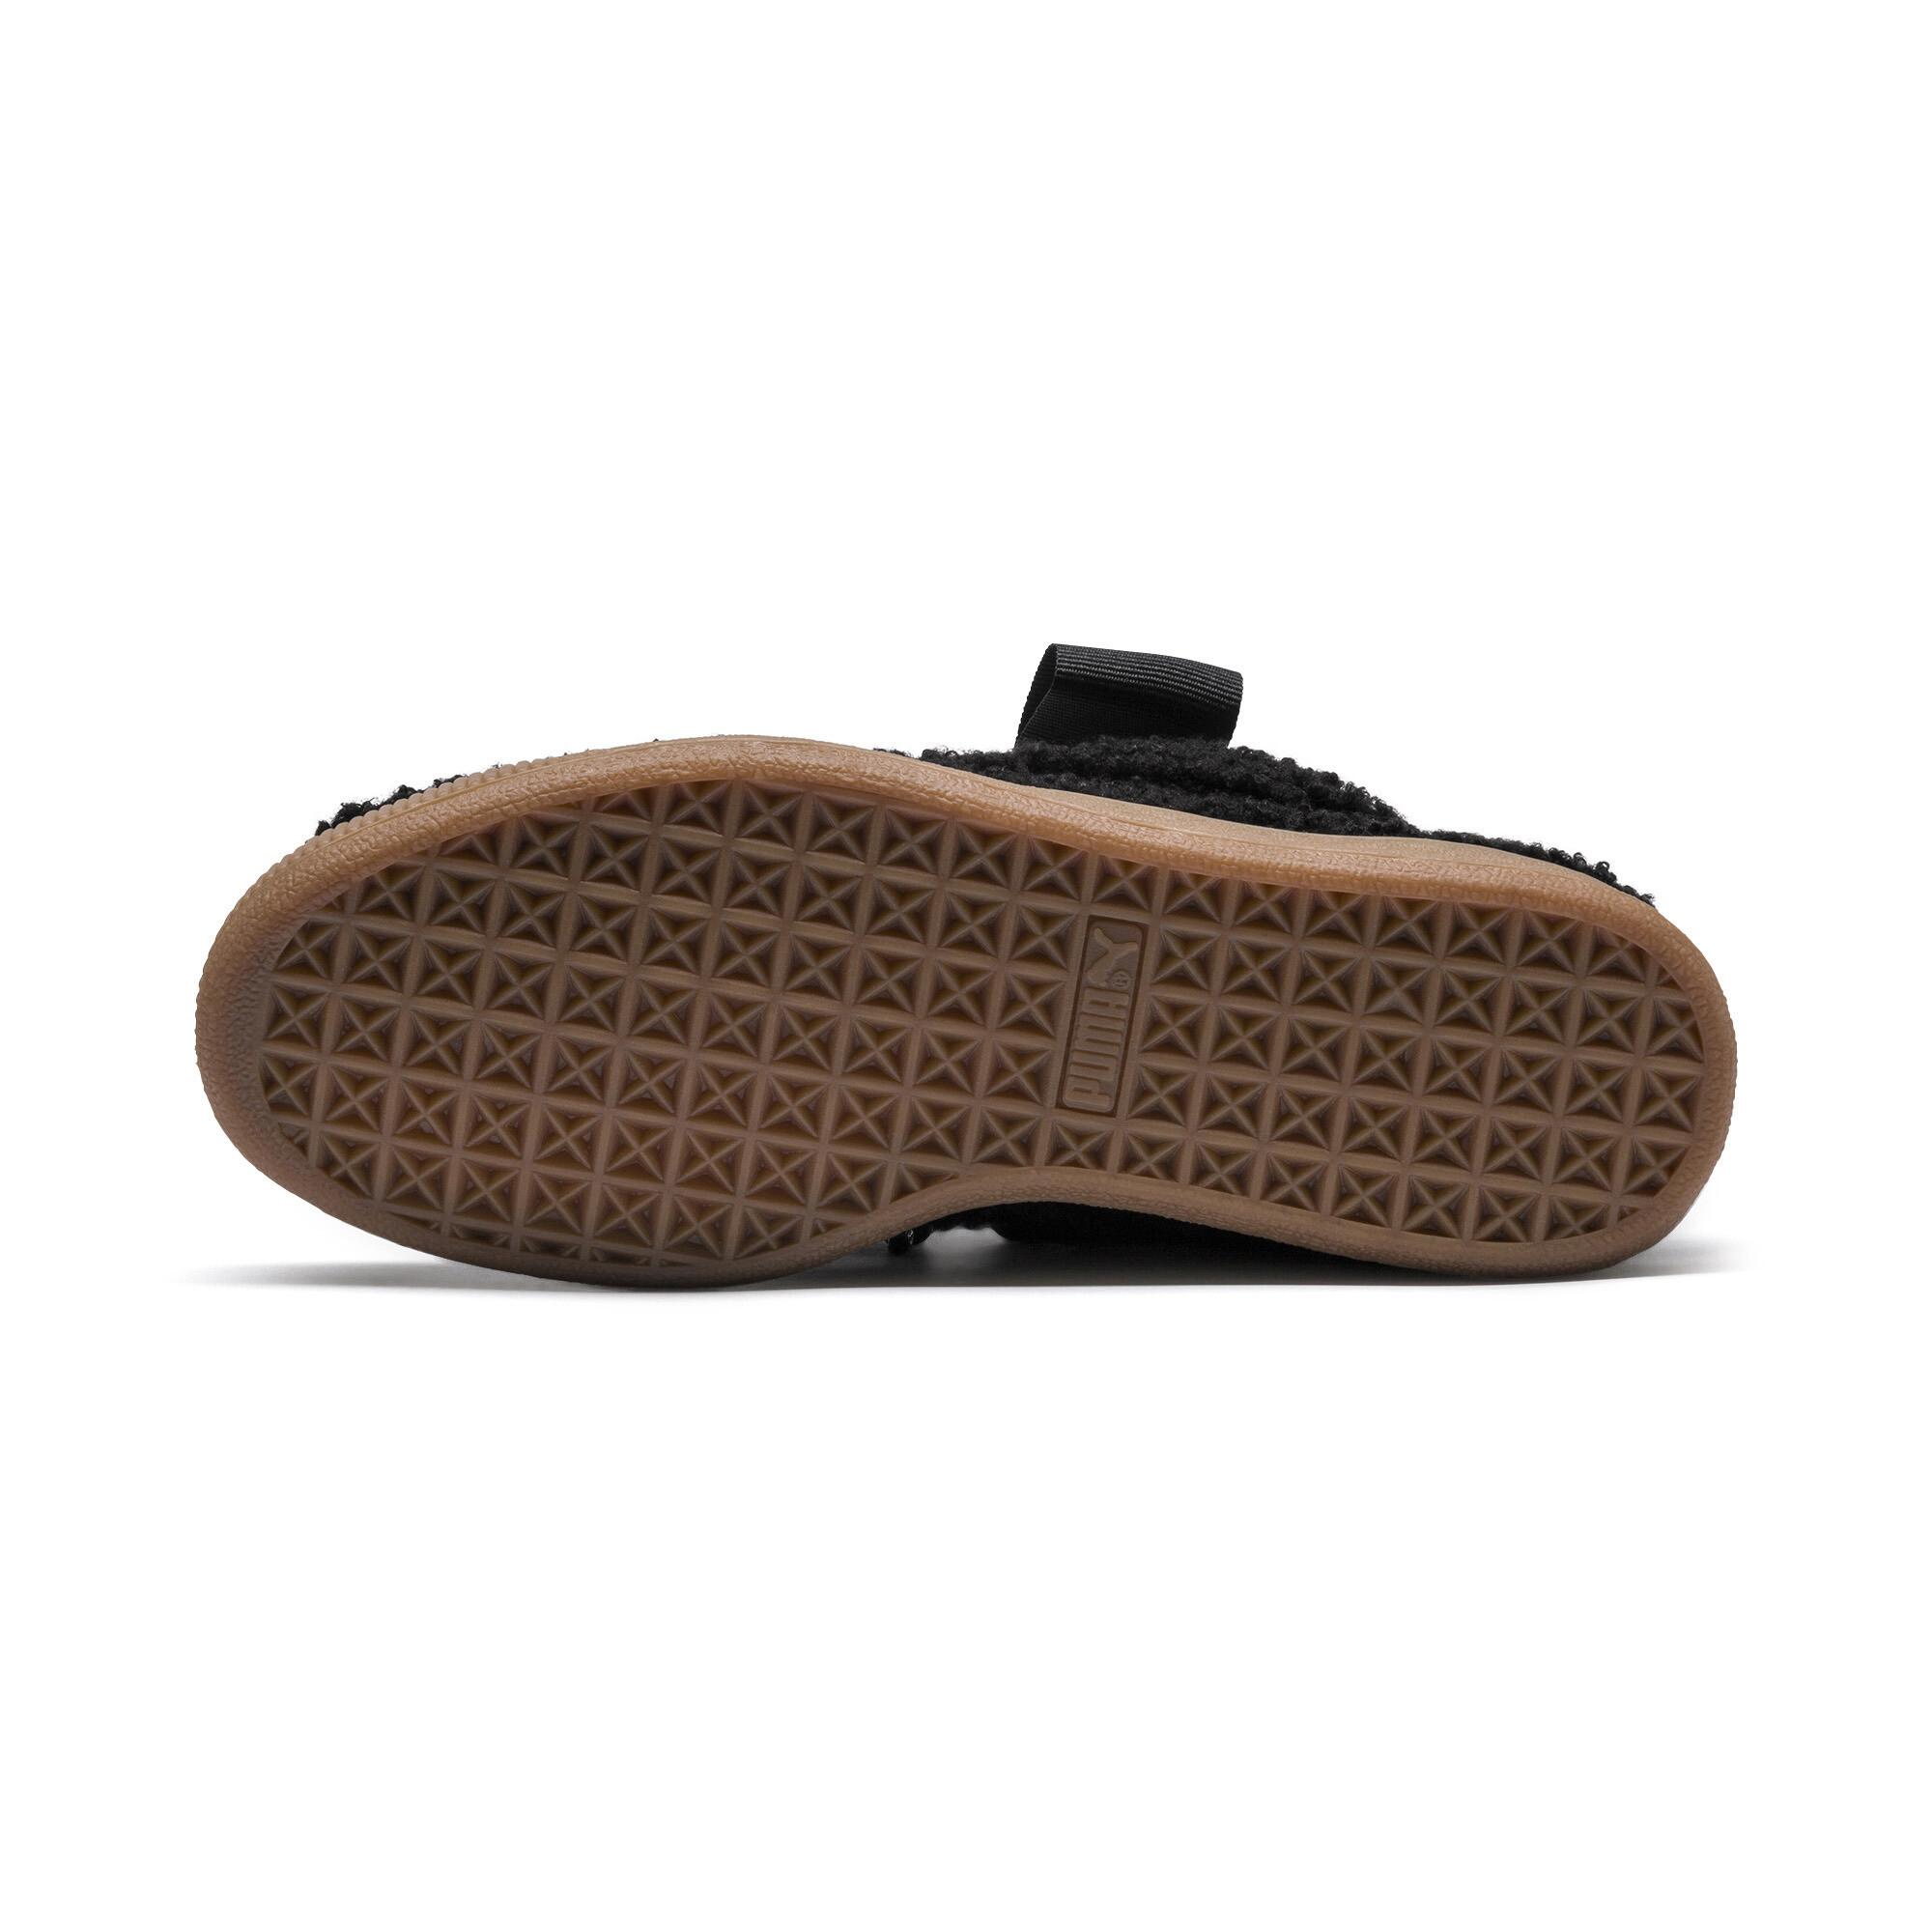 PUMA-Basket-Heart-Teddy-Women-s-Sneakers-Women-Shoe thumbnail 11